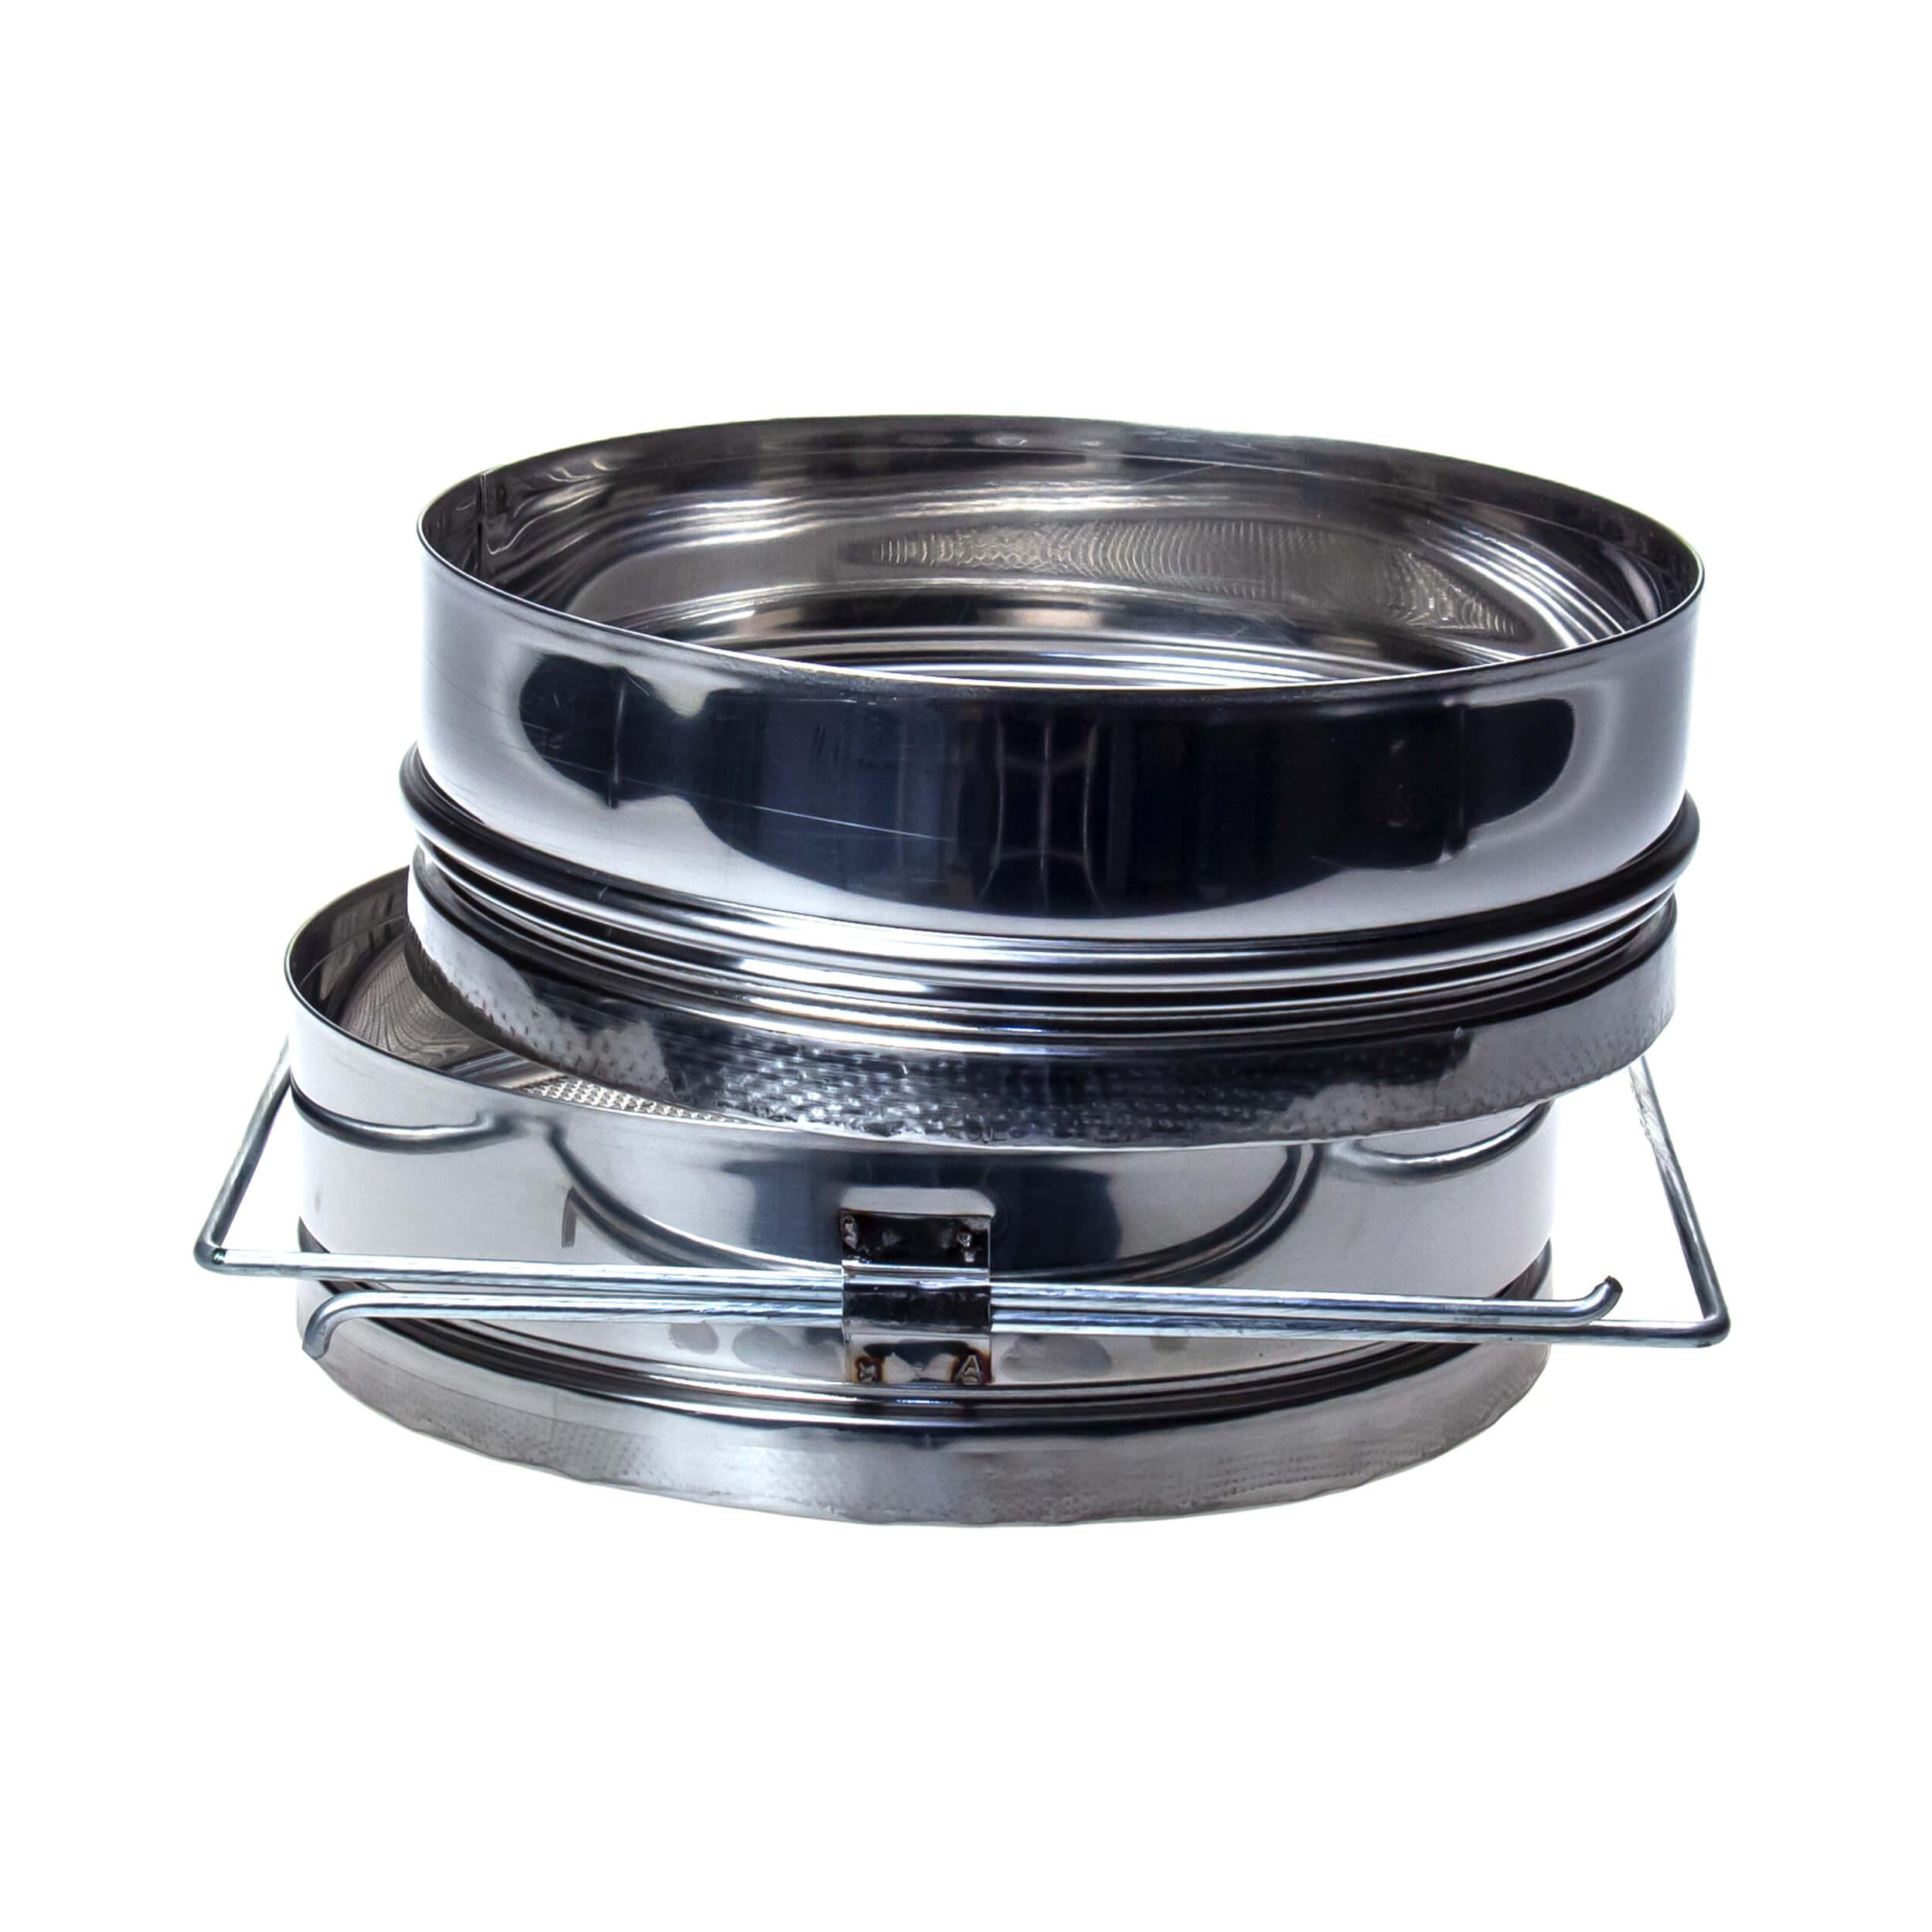 Фильтр для меда (D200 мм, нержавейка) фото